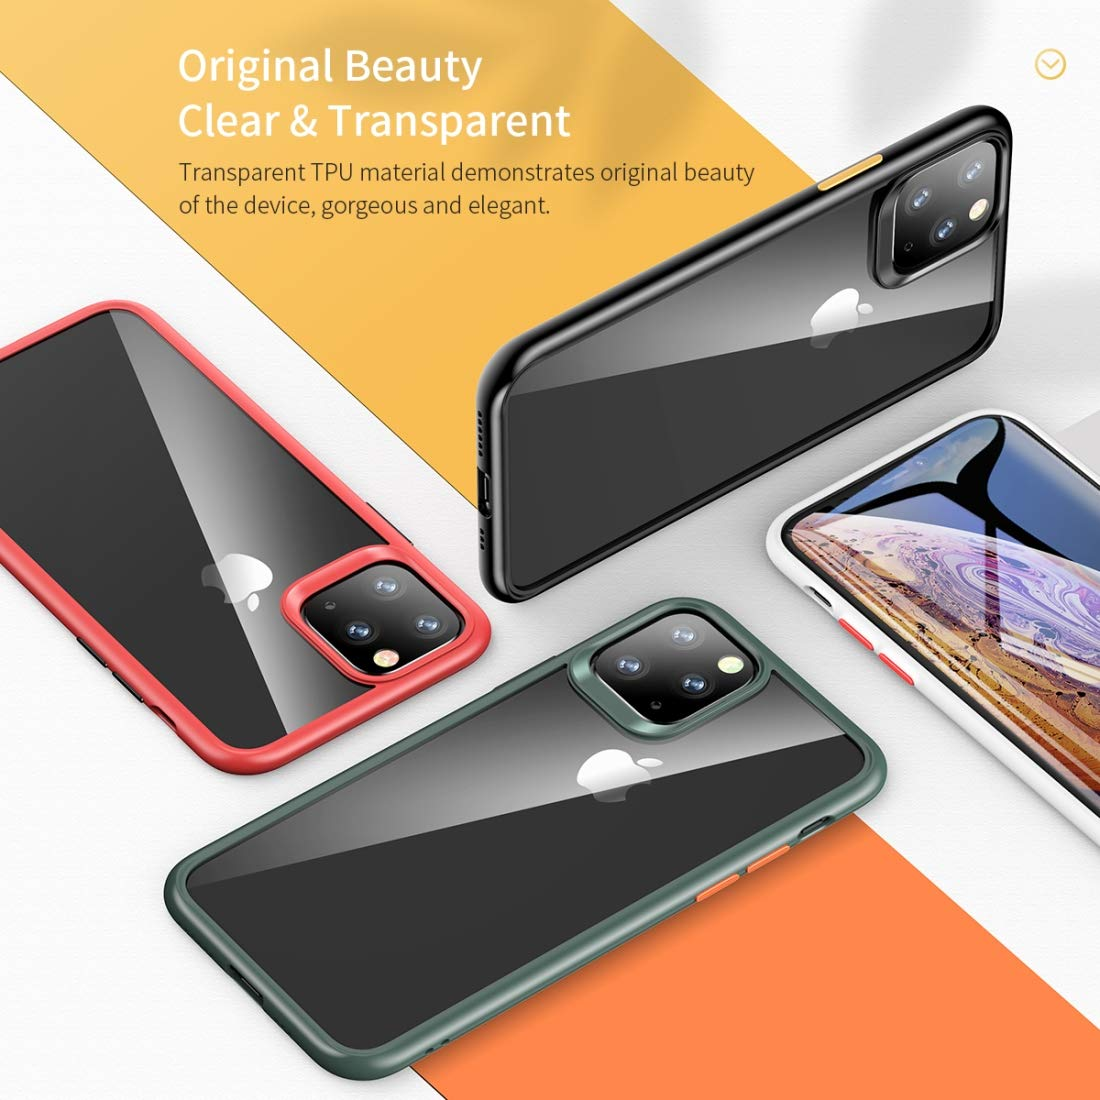 LISHUANG Funda Protectora Guard Pro Series TPU Protector Color : Black 2019 PC a Prueba de Golpes for iPhone XI MAX